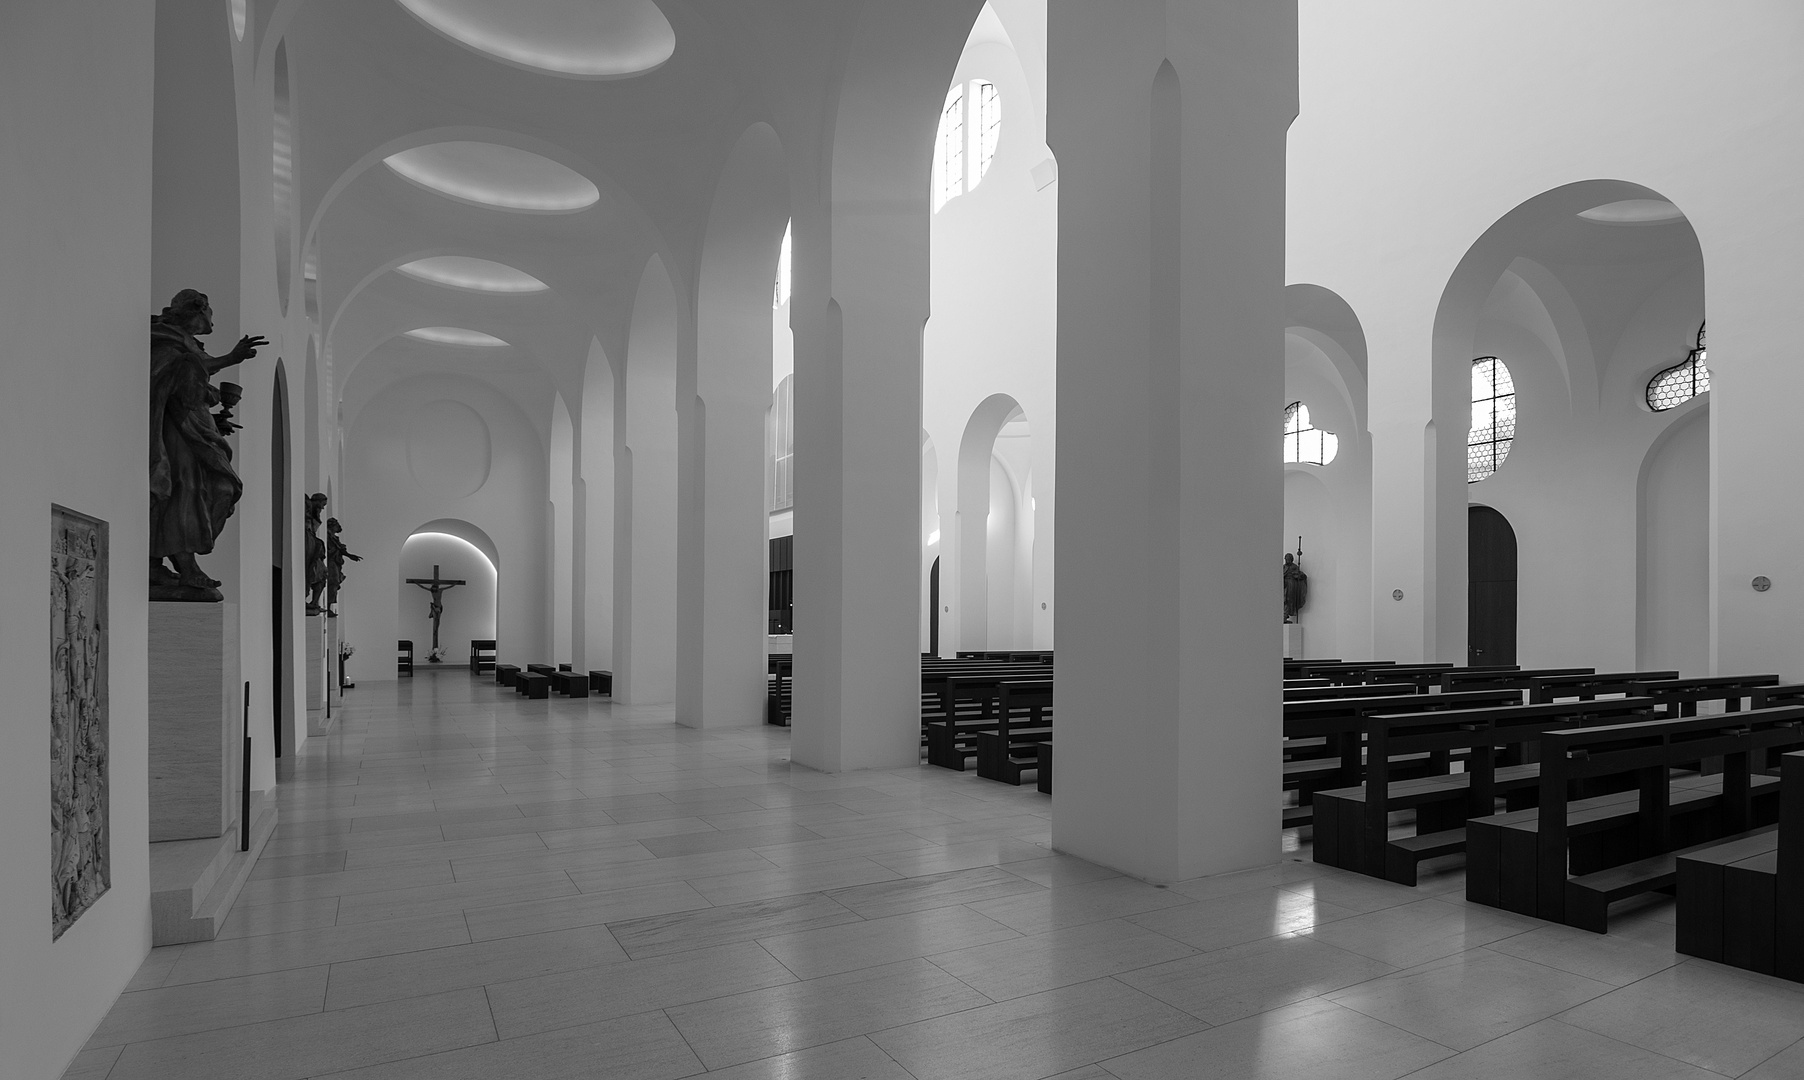 ~~ St. Moritz ~~